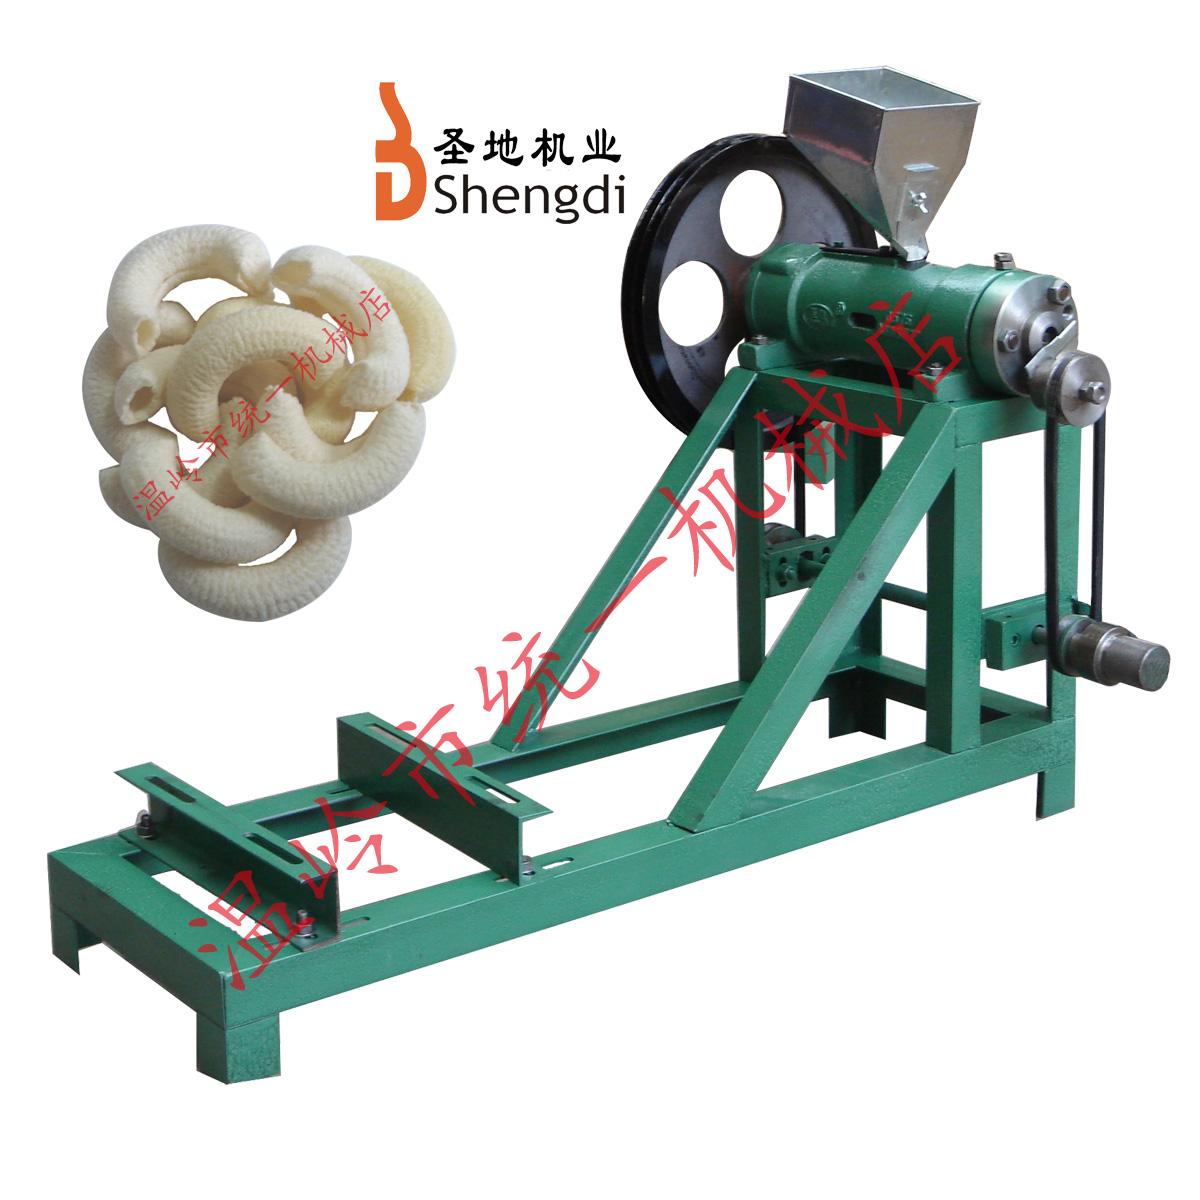 Попкорн машина 3-полые стержень автоматической резки экструдер пищевой экструдер, крупы экструдер, трубы экструдера